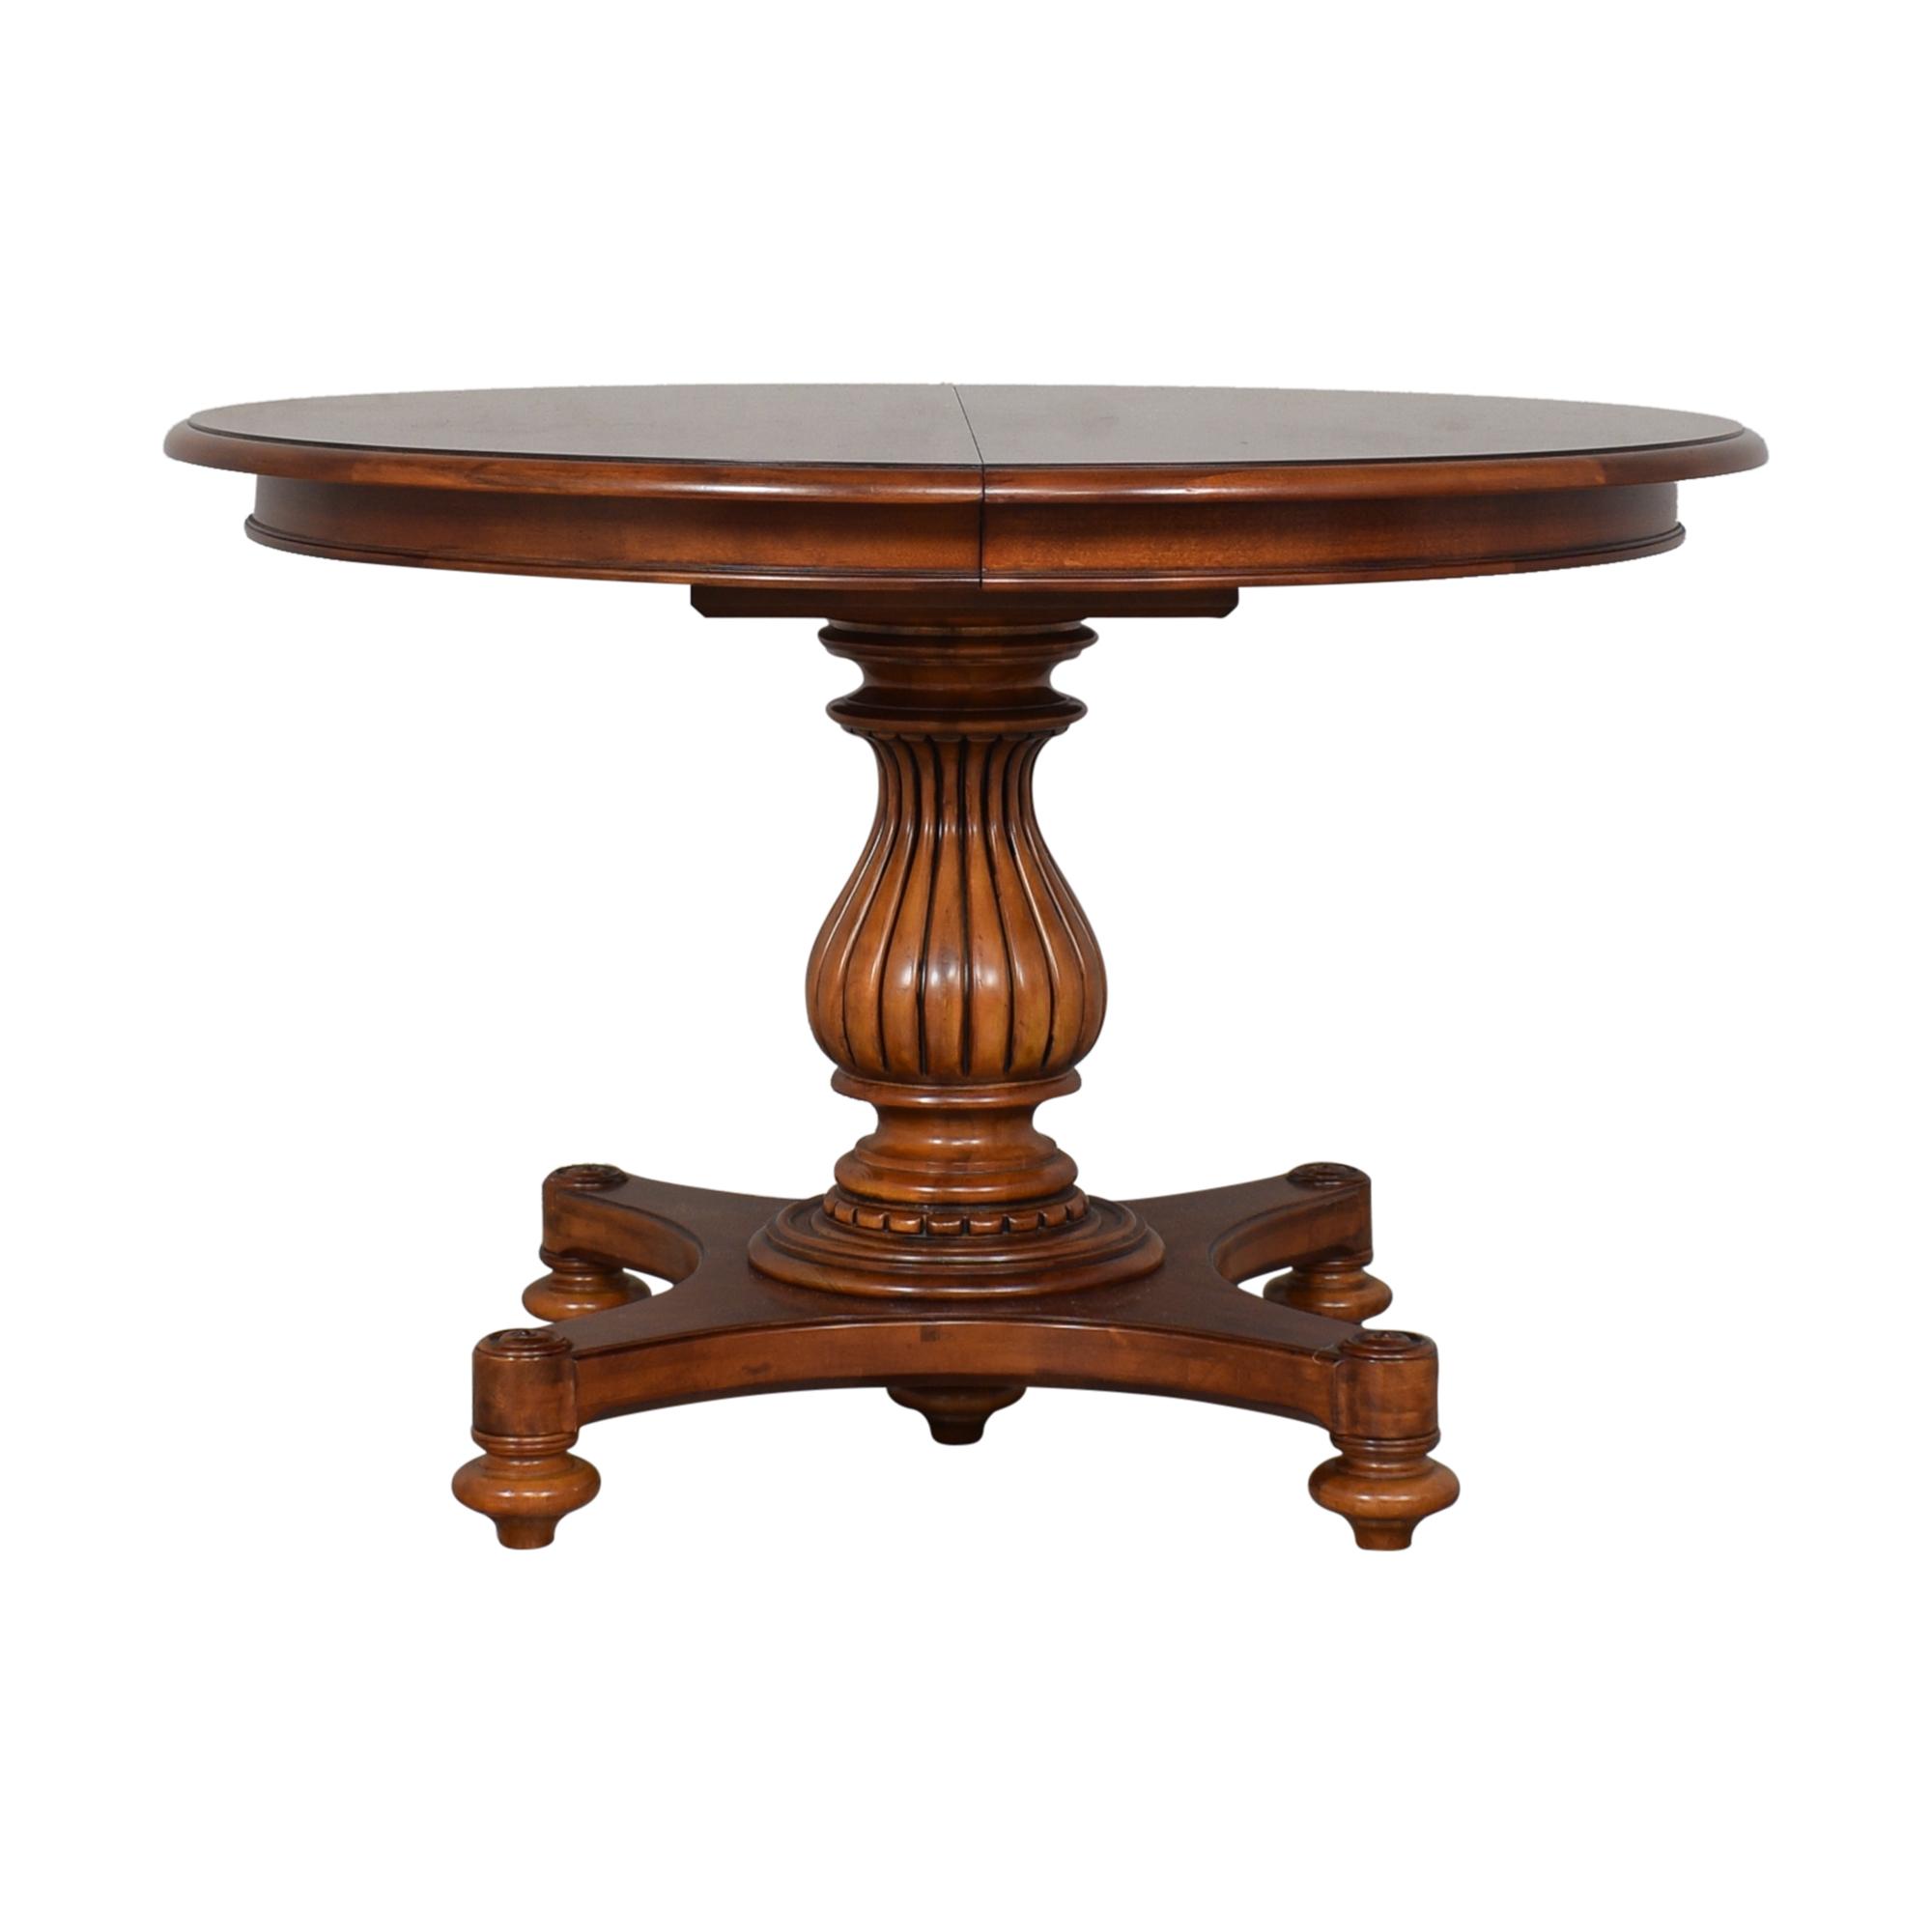 Ethan Allen Ethan Allen Camden Pedestal Dining Table coupon